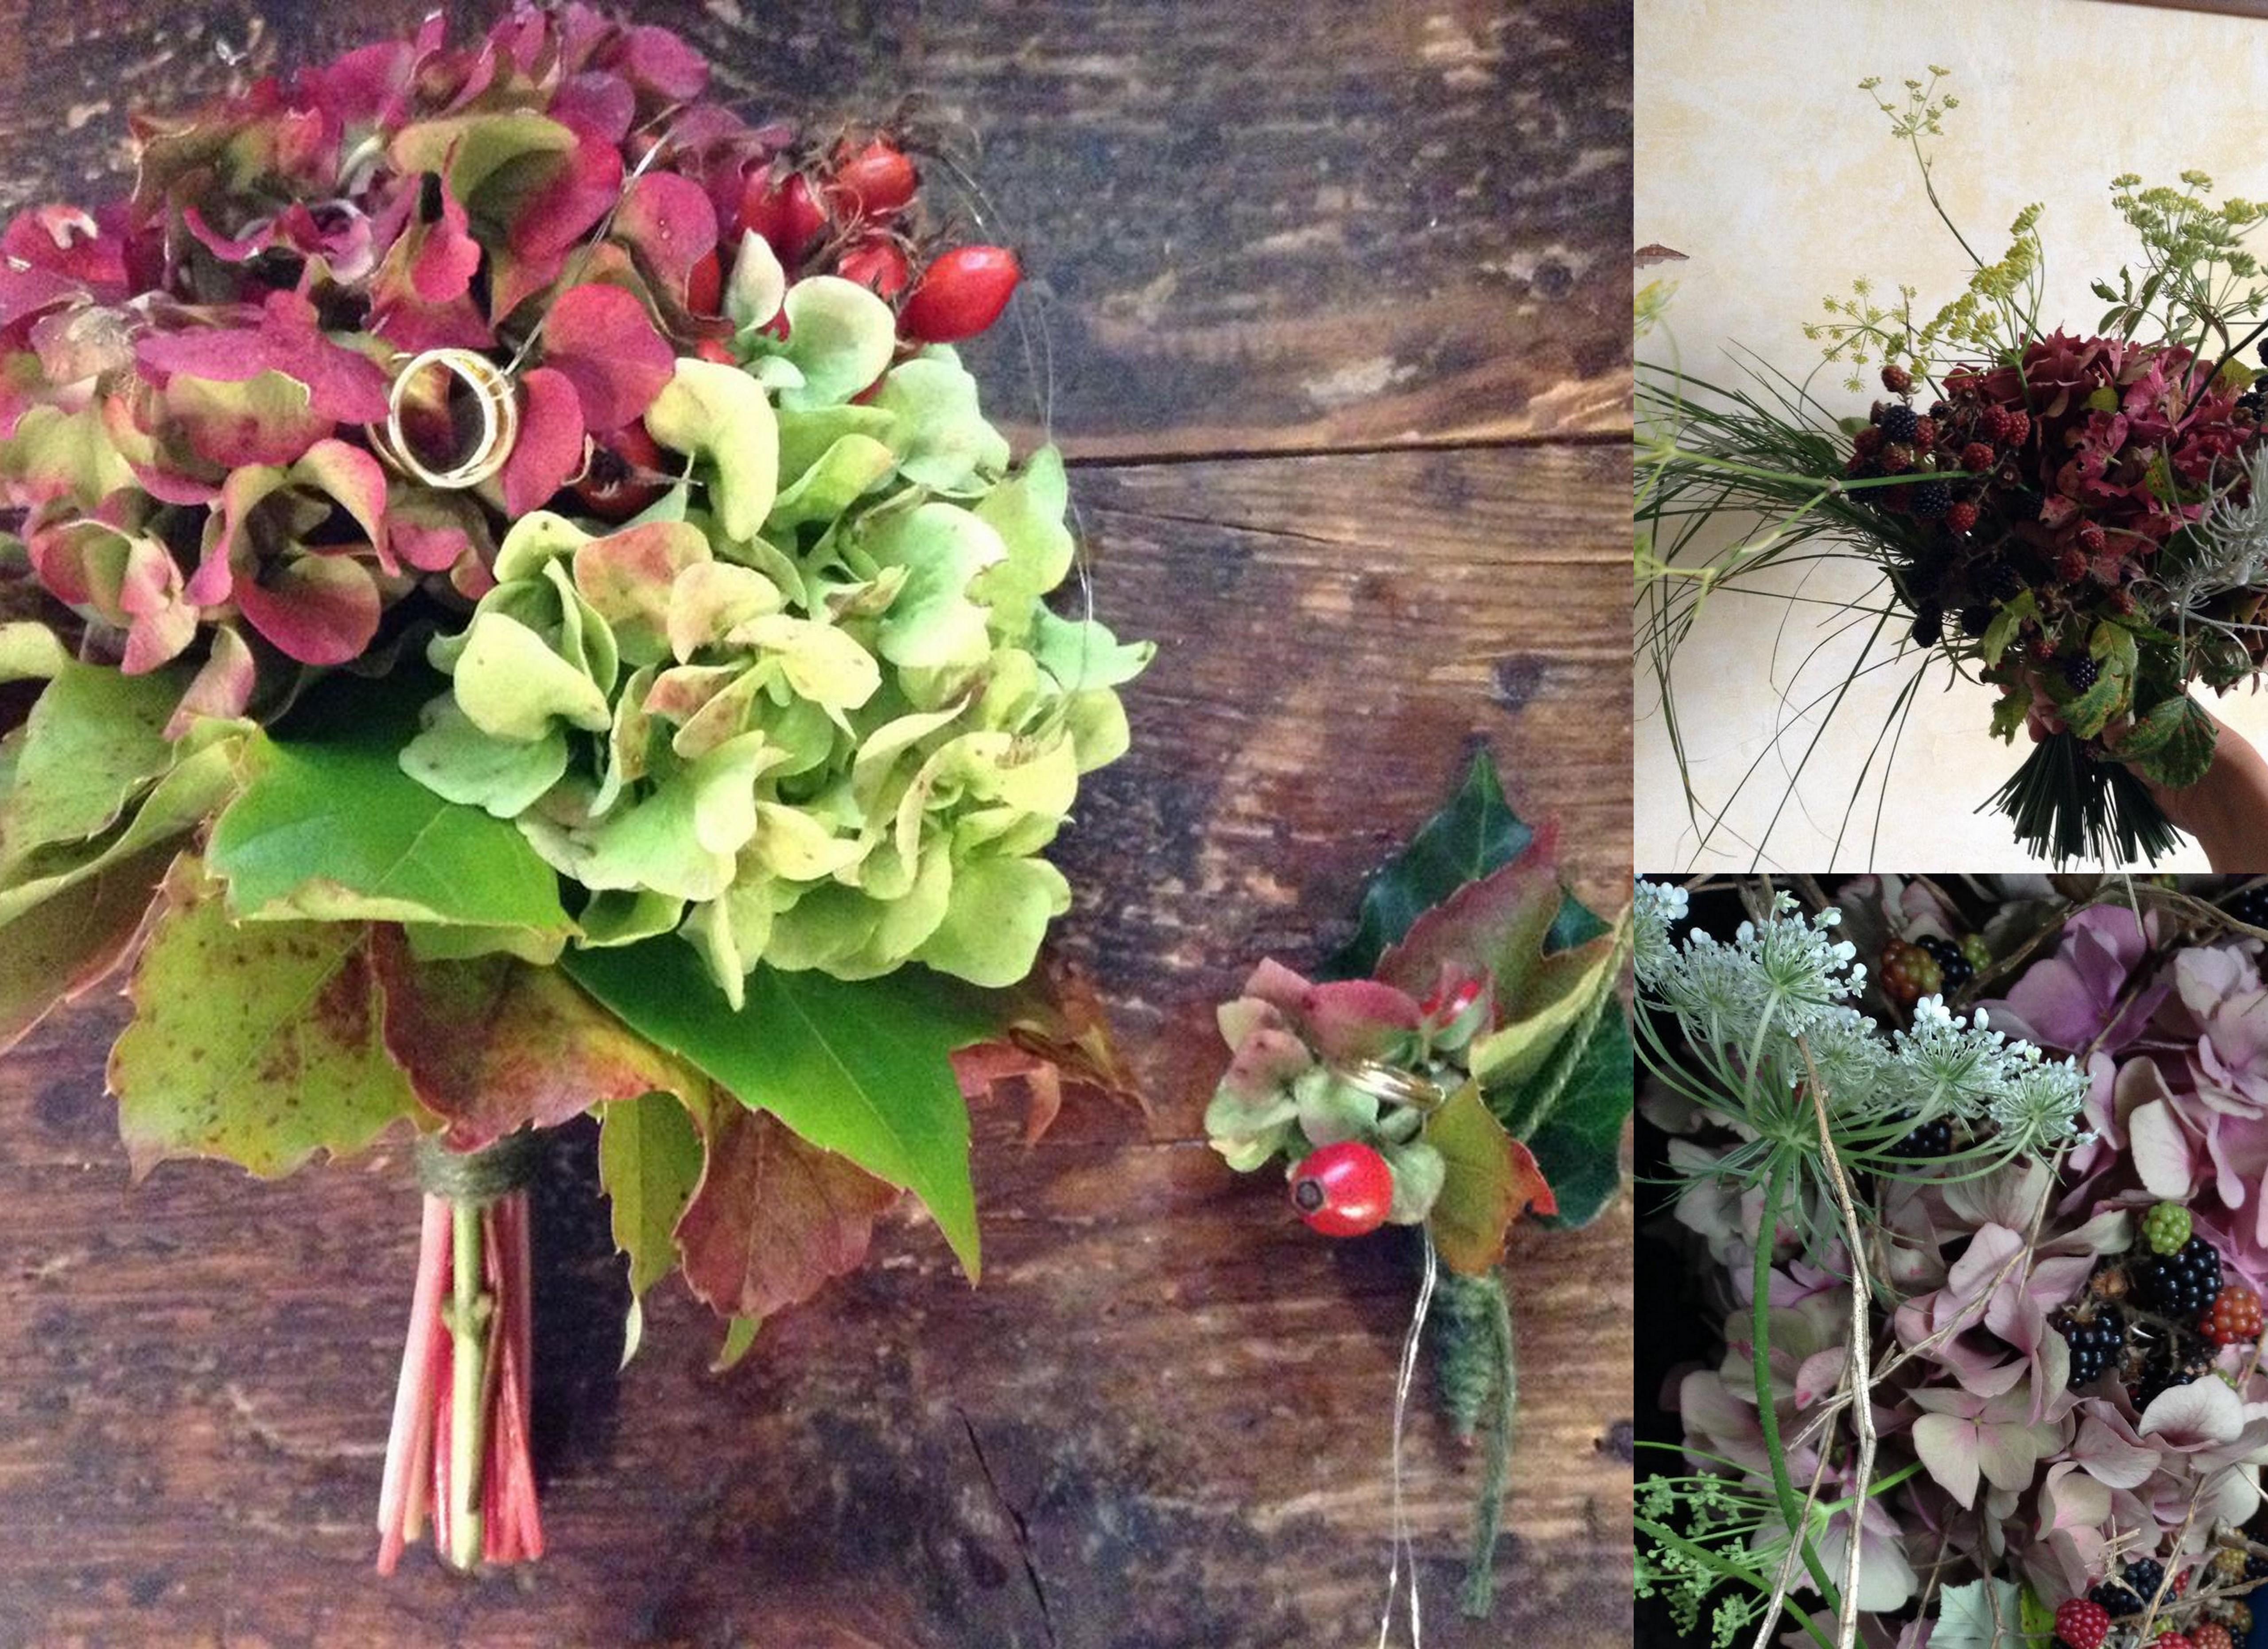 fiorificio-workshop-3-studiocinque